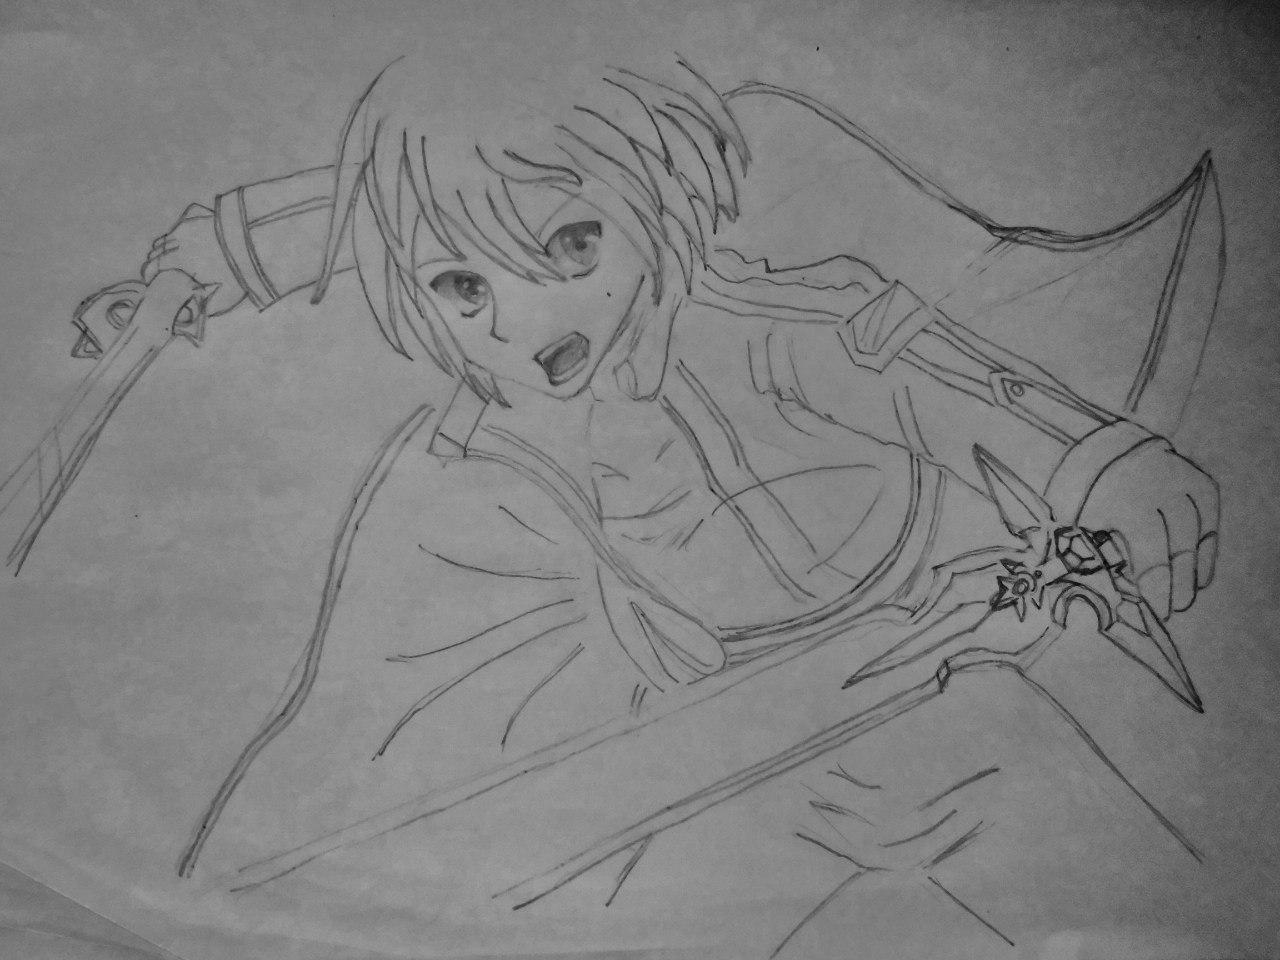 Рисуем Кадзуто Киригая с двумя мечами карандашами - шаг 4